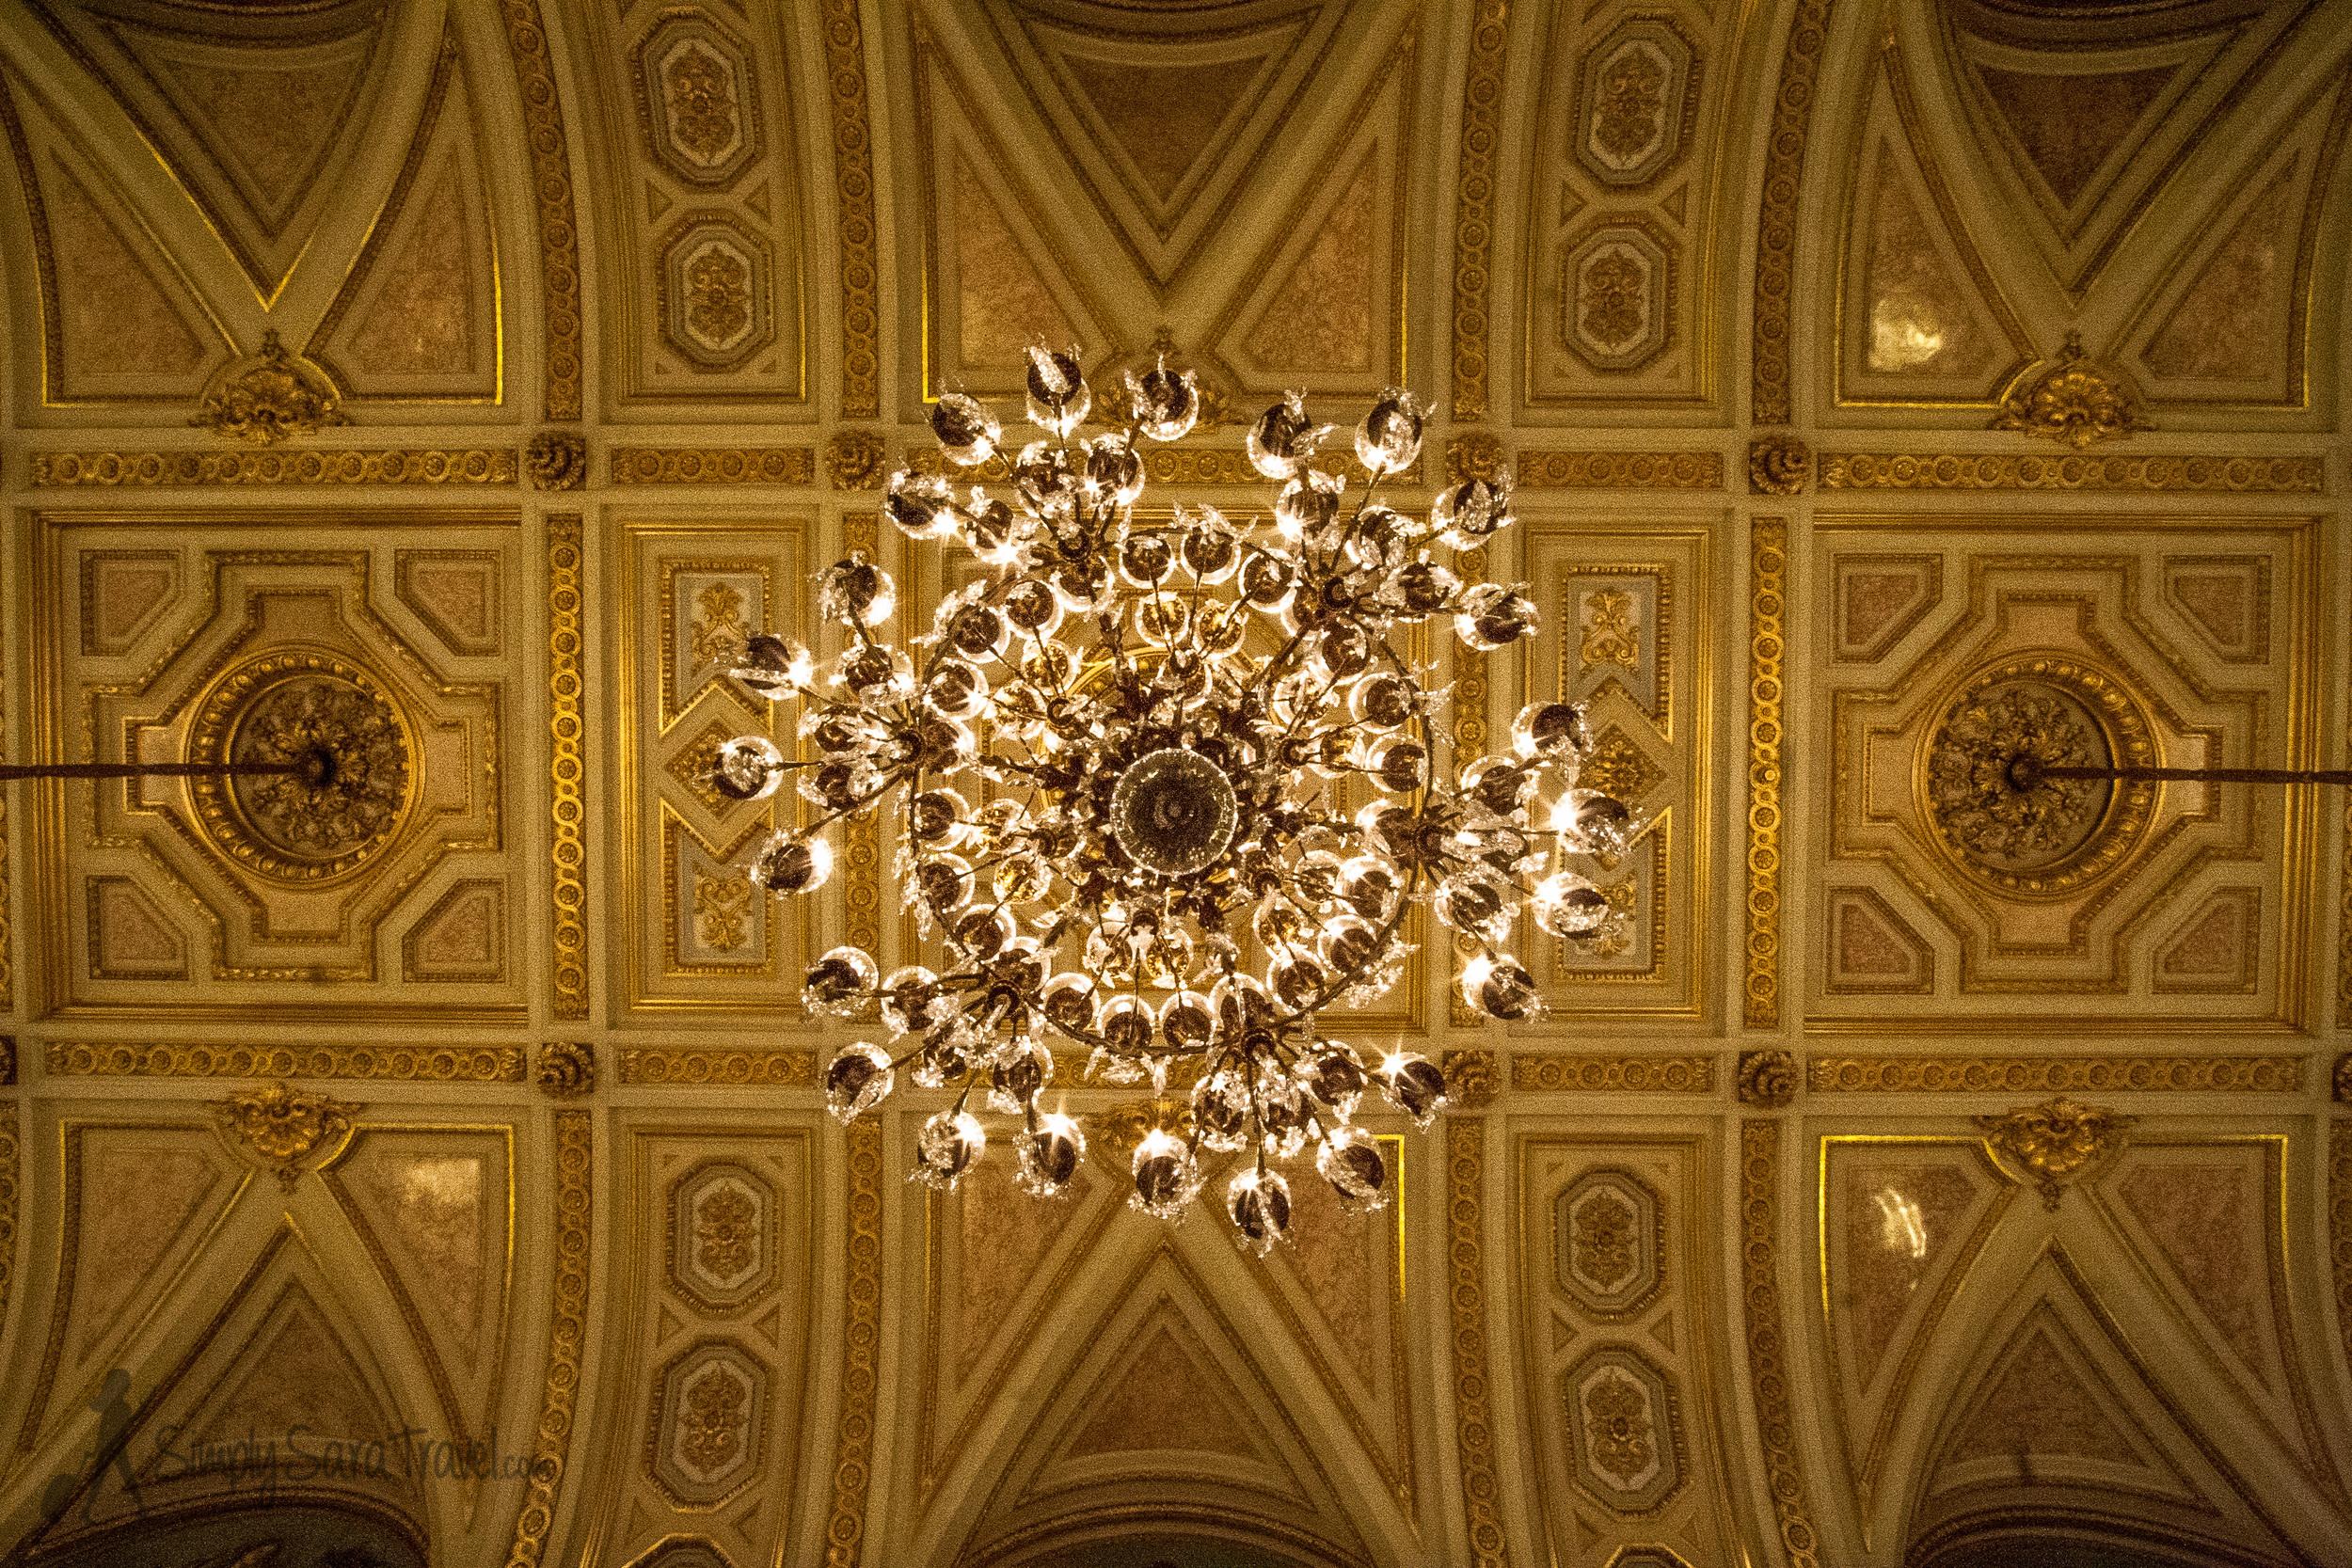 Ceiling of the Galarie des Fetes,Hôtel de Lassay, French National Assembly, Paris